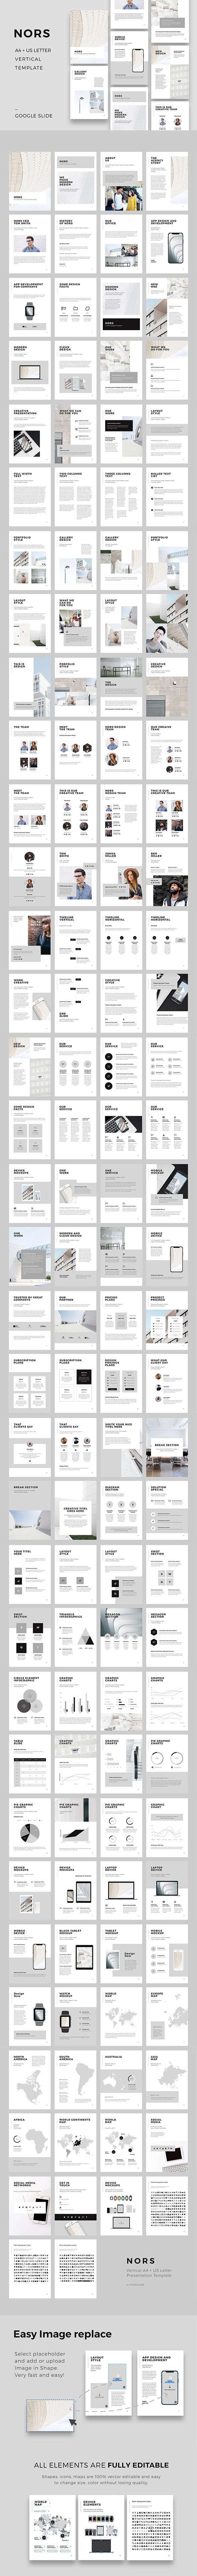 NORS Vertical Google Slides A4 US Letter Template - Google Slides Presentation Templates